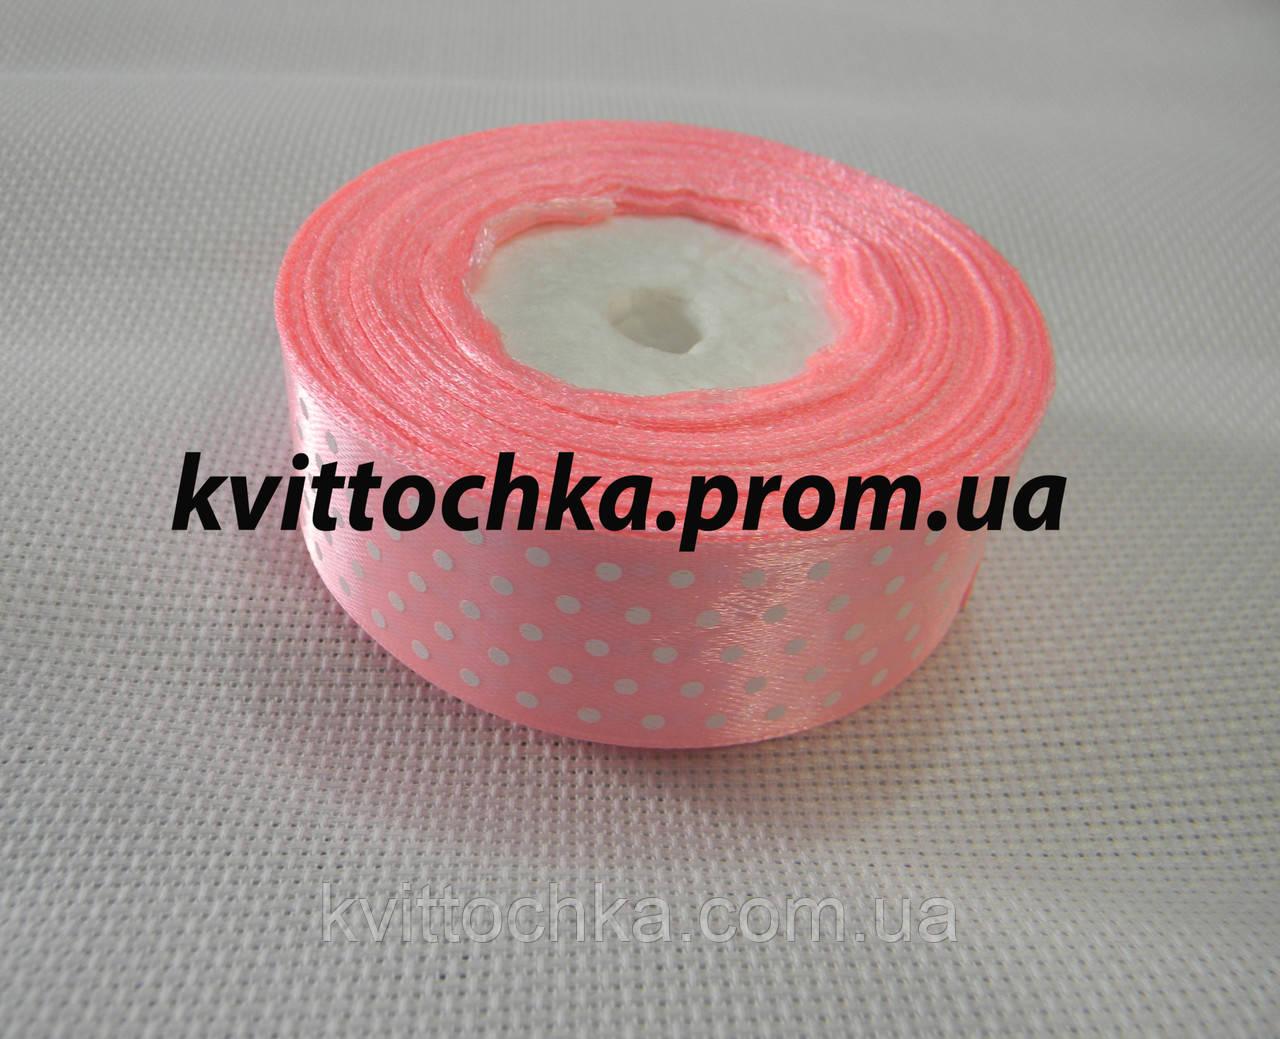 Атласная лента в горошек 2,5 см. (23 м.), цвет - розовый